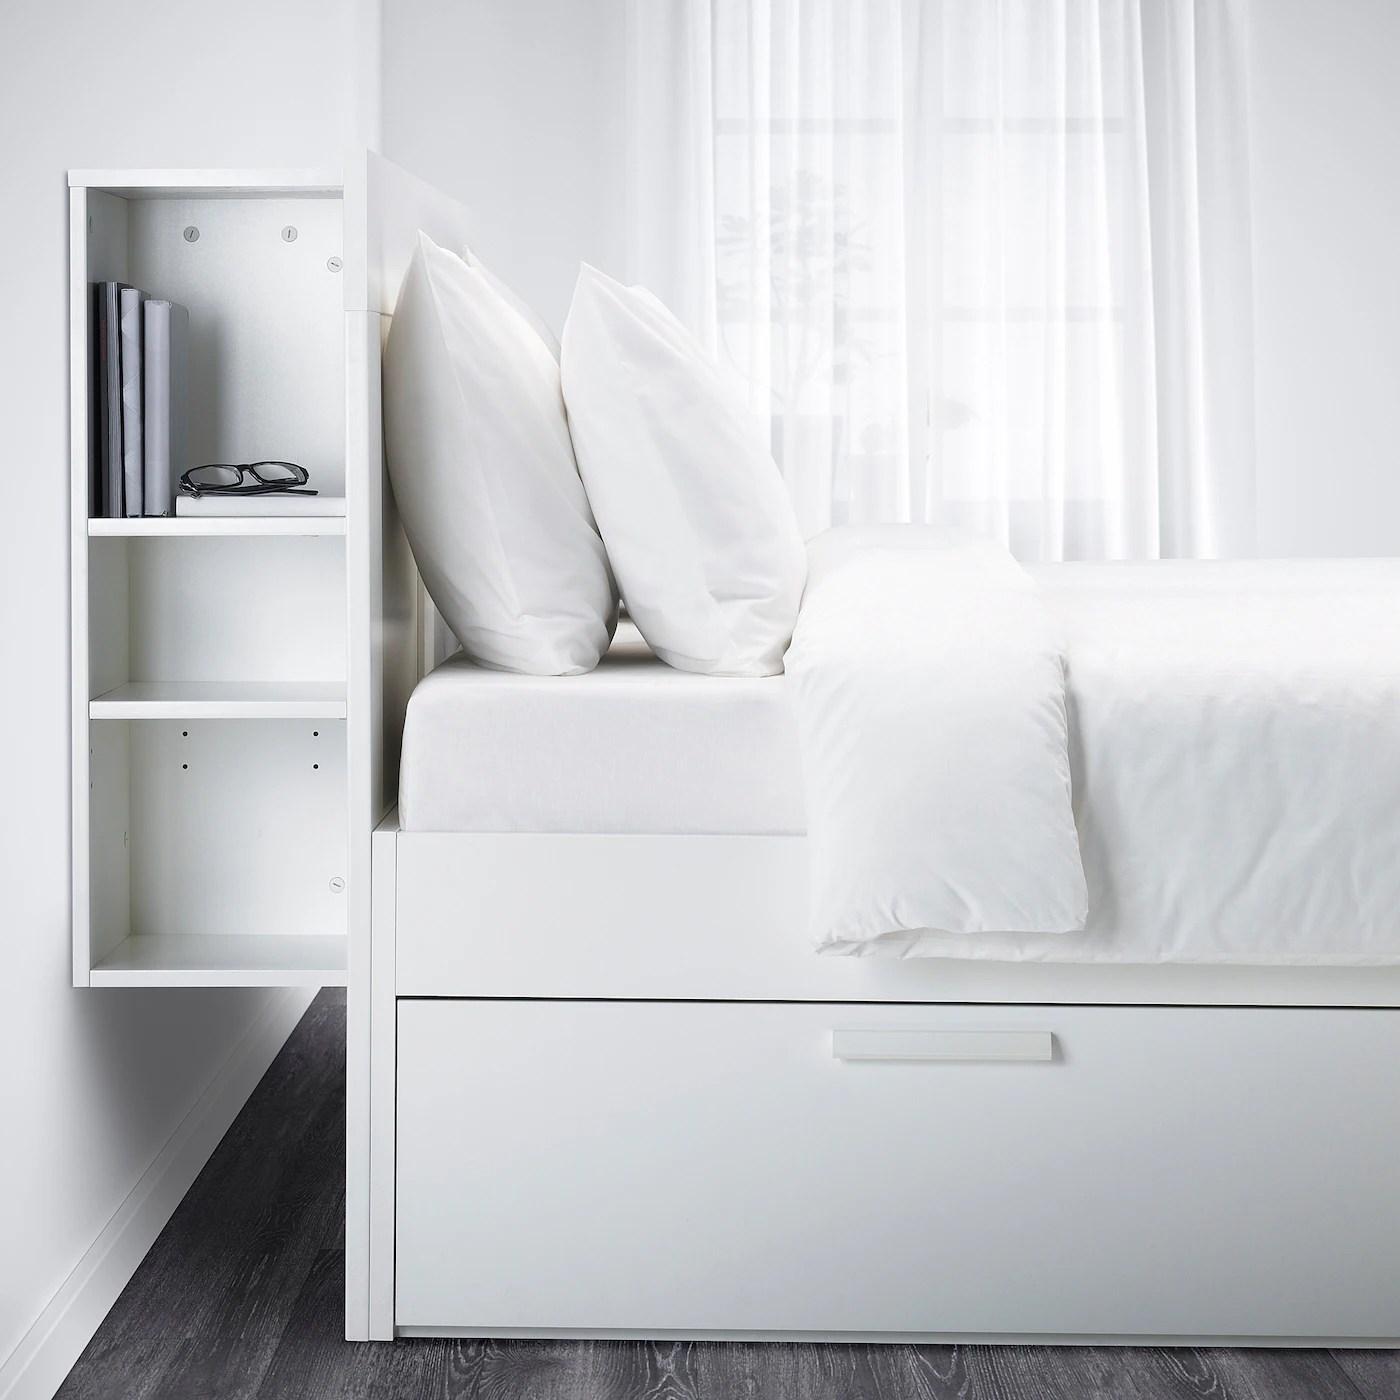 brimnes cadre de lit rangement tete de lit blanc 160x200 cm